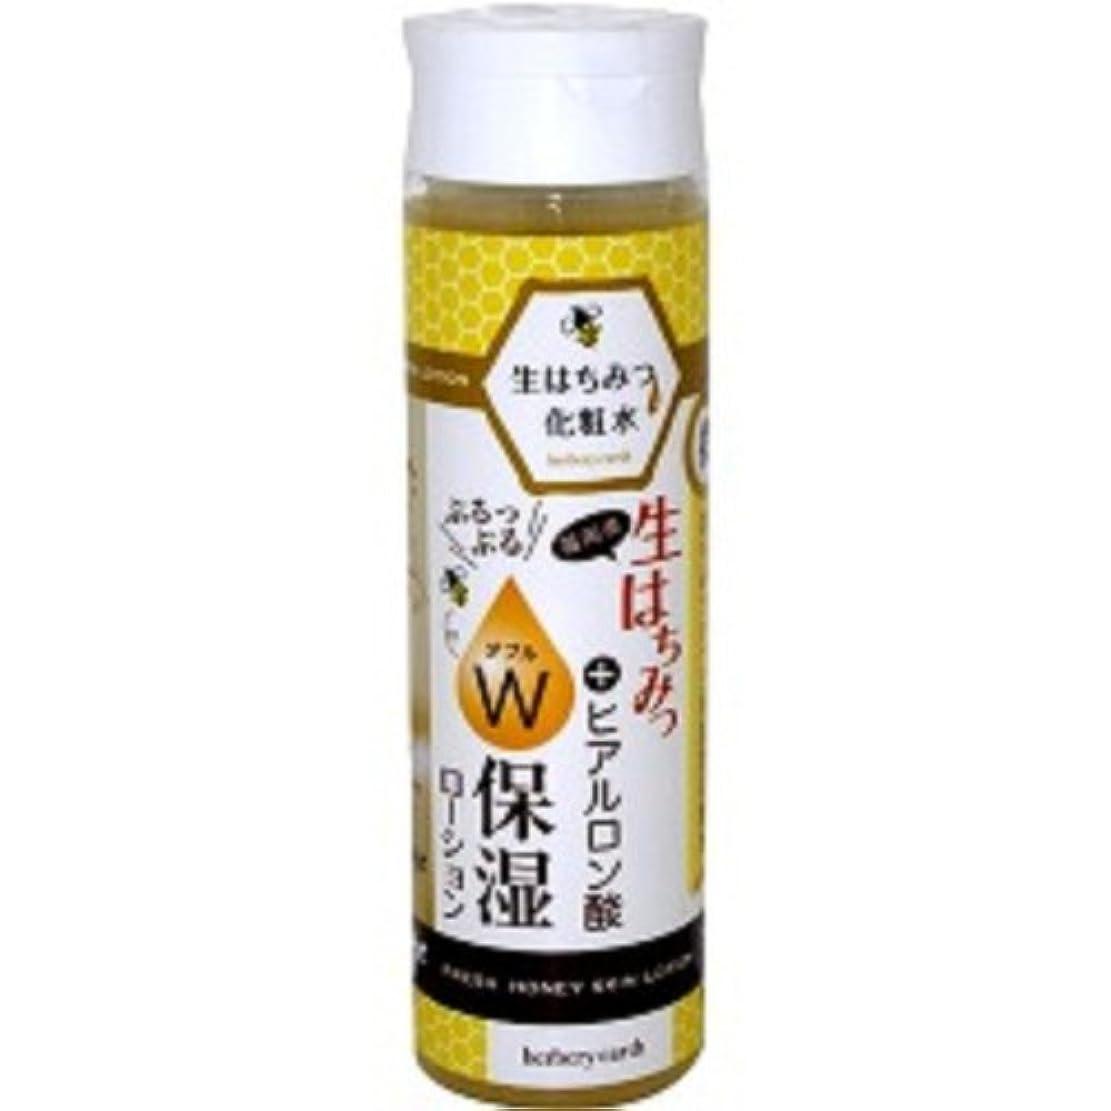 リーワイン数値生はちみつ化粧水 W保湿スキンローション